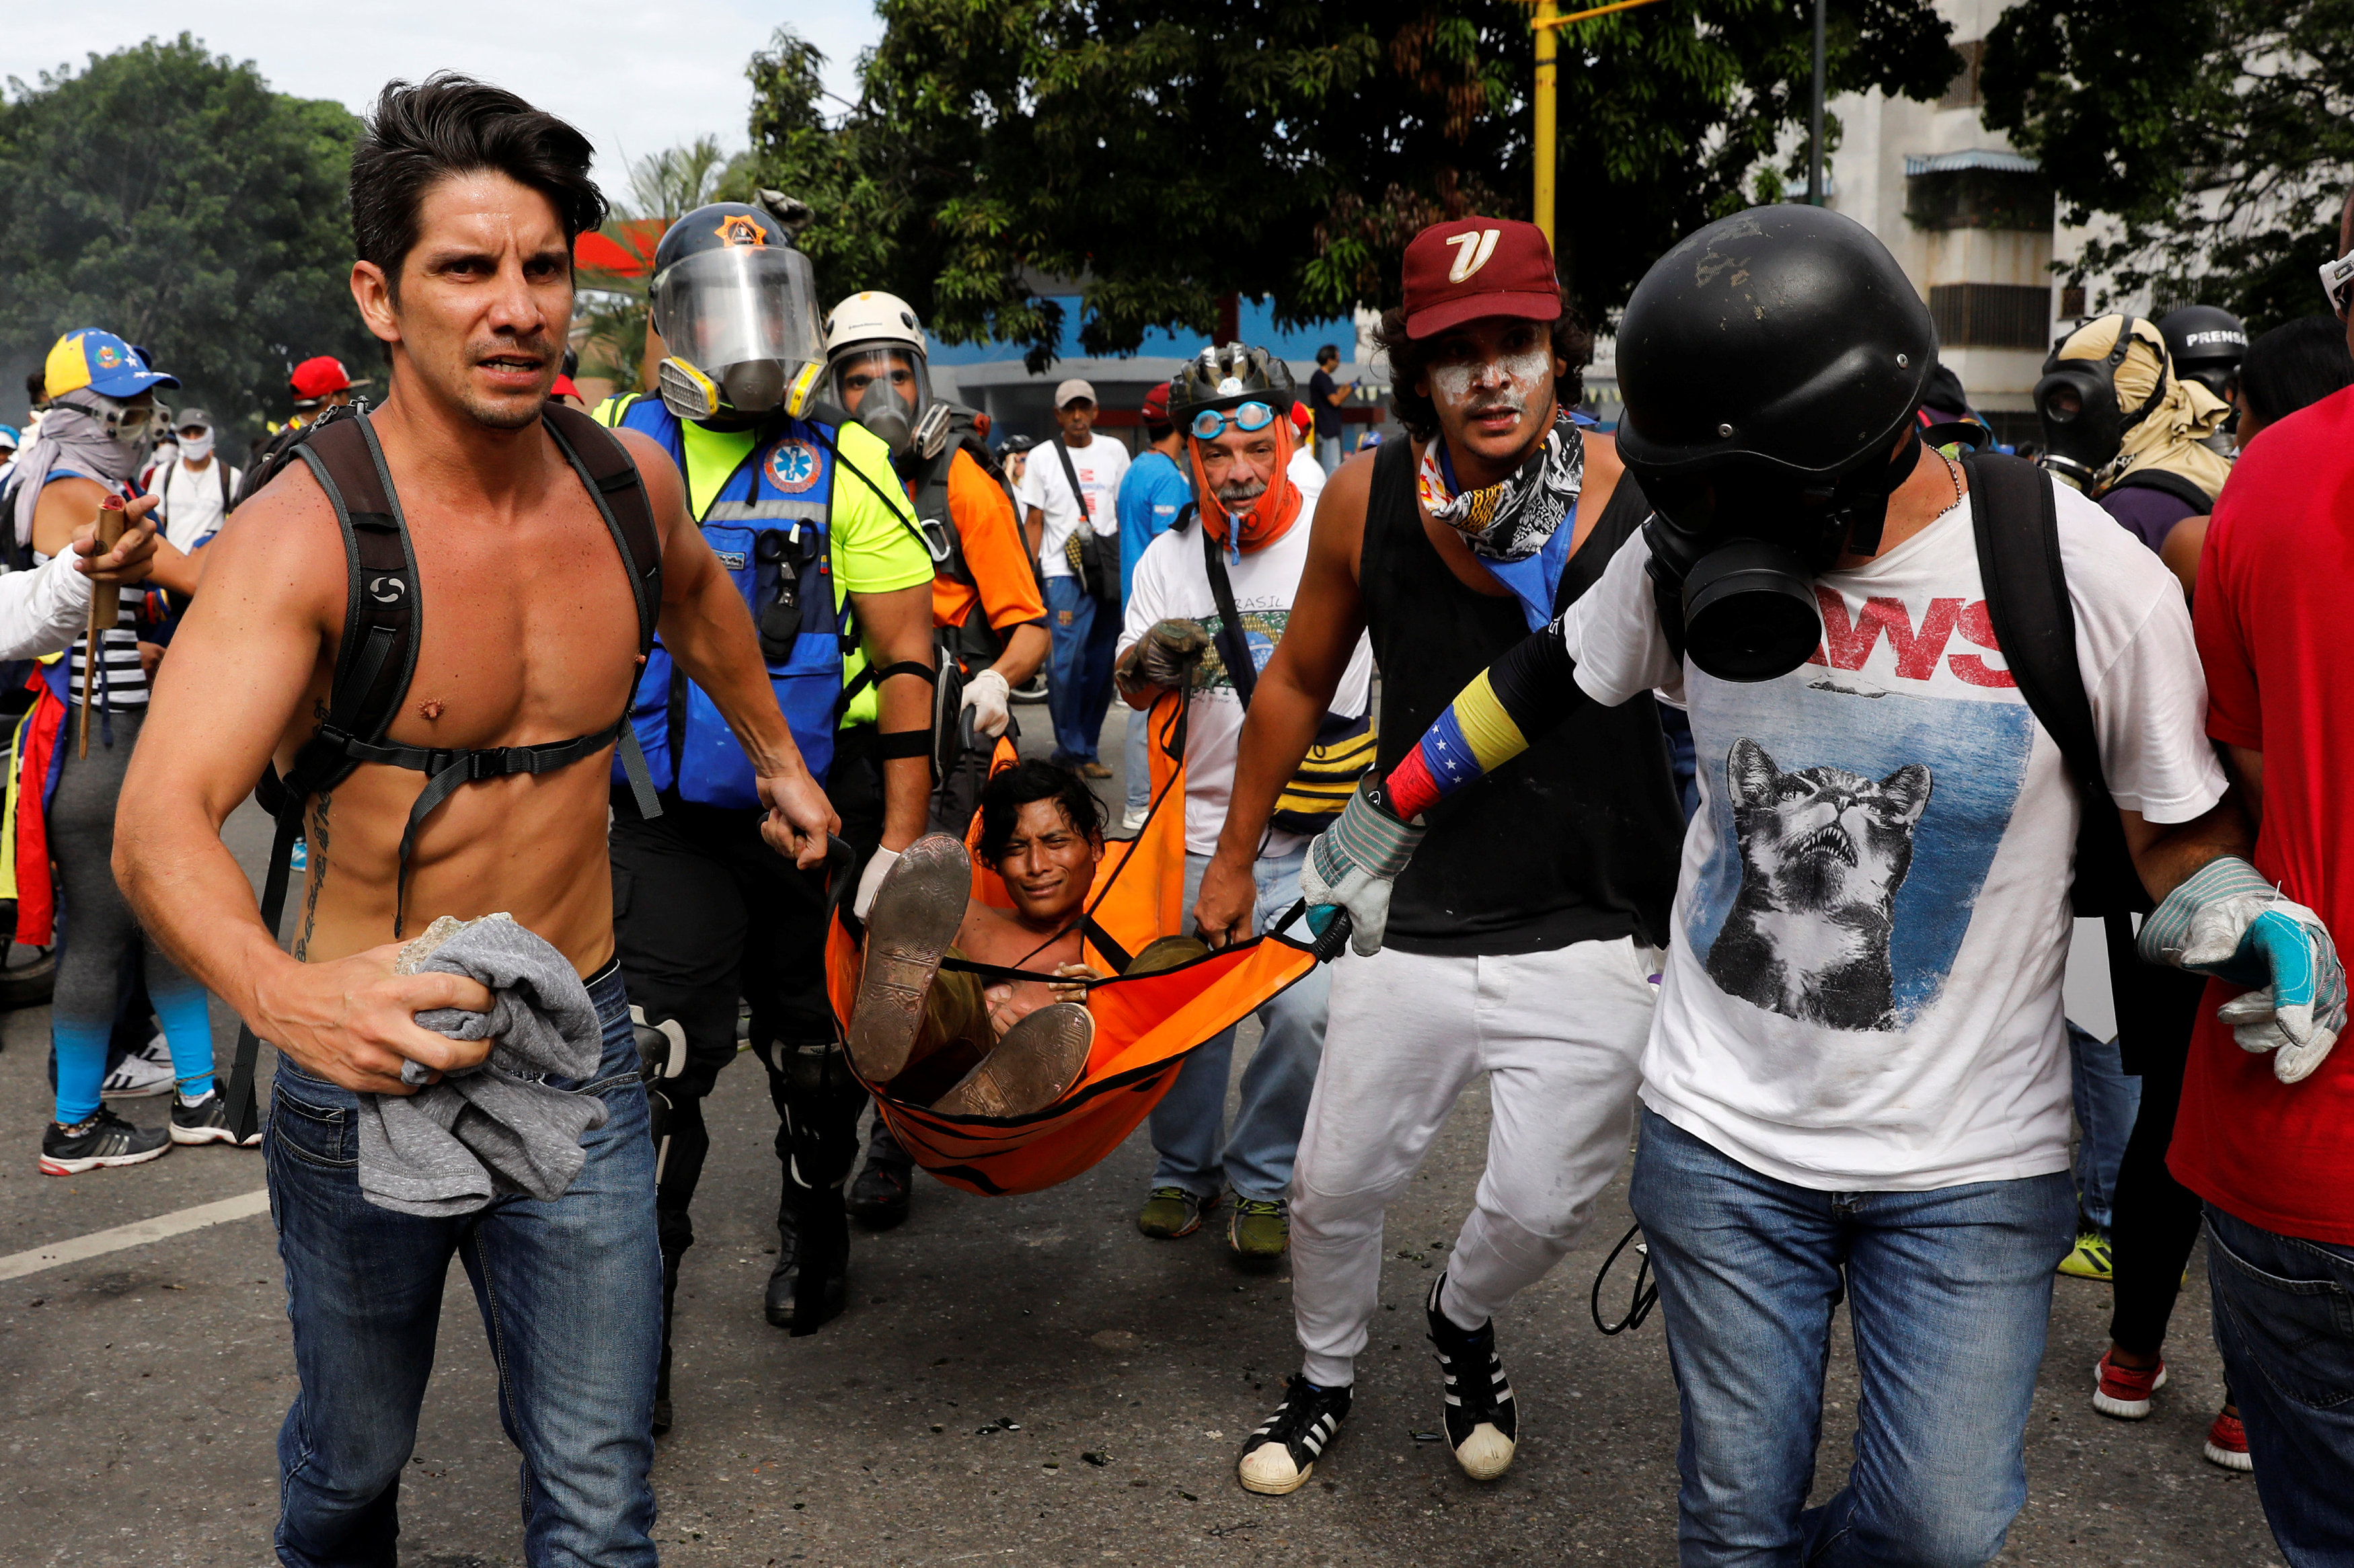 GN arremete contyra manifestantes. Tanqueta arrolla de manera ofensiva a una persona. REUTERS/Carlos Garcia Rawlins